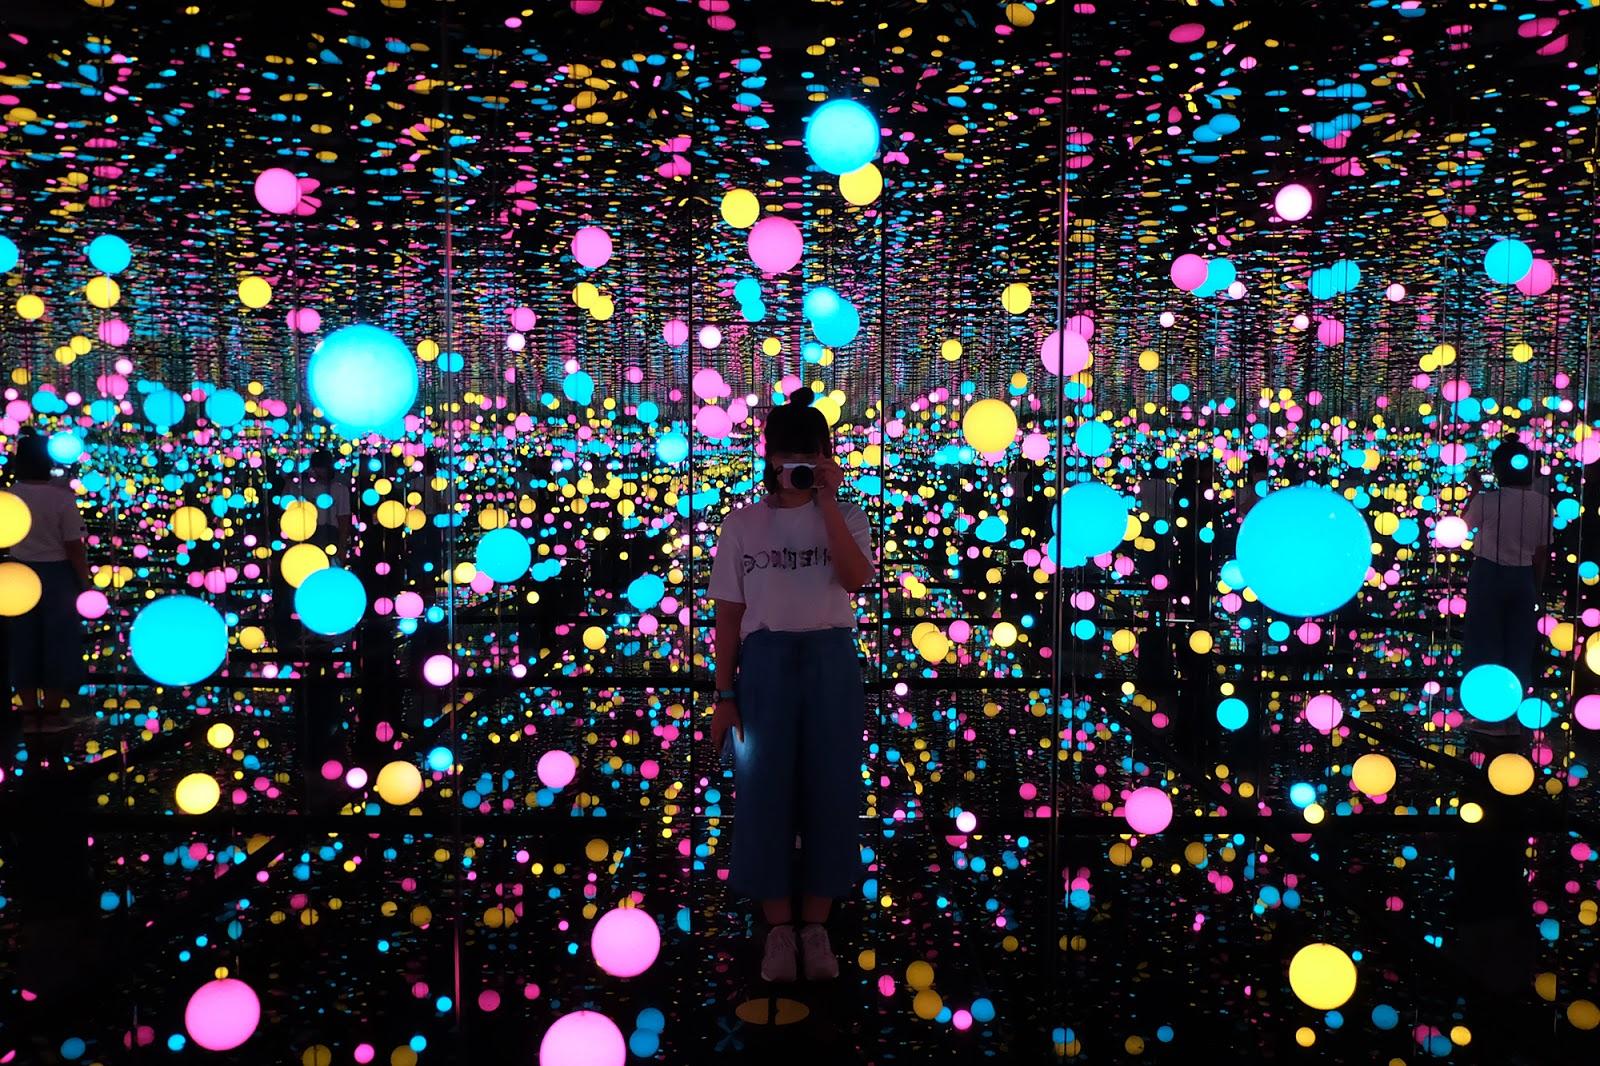 Infinity Mirrored Room Yayoi Kusama Museum MACAN | www.bigdreamerblog.com